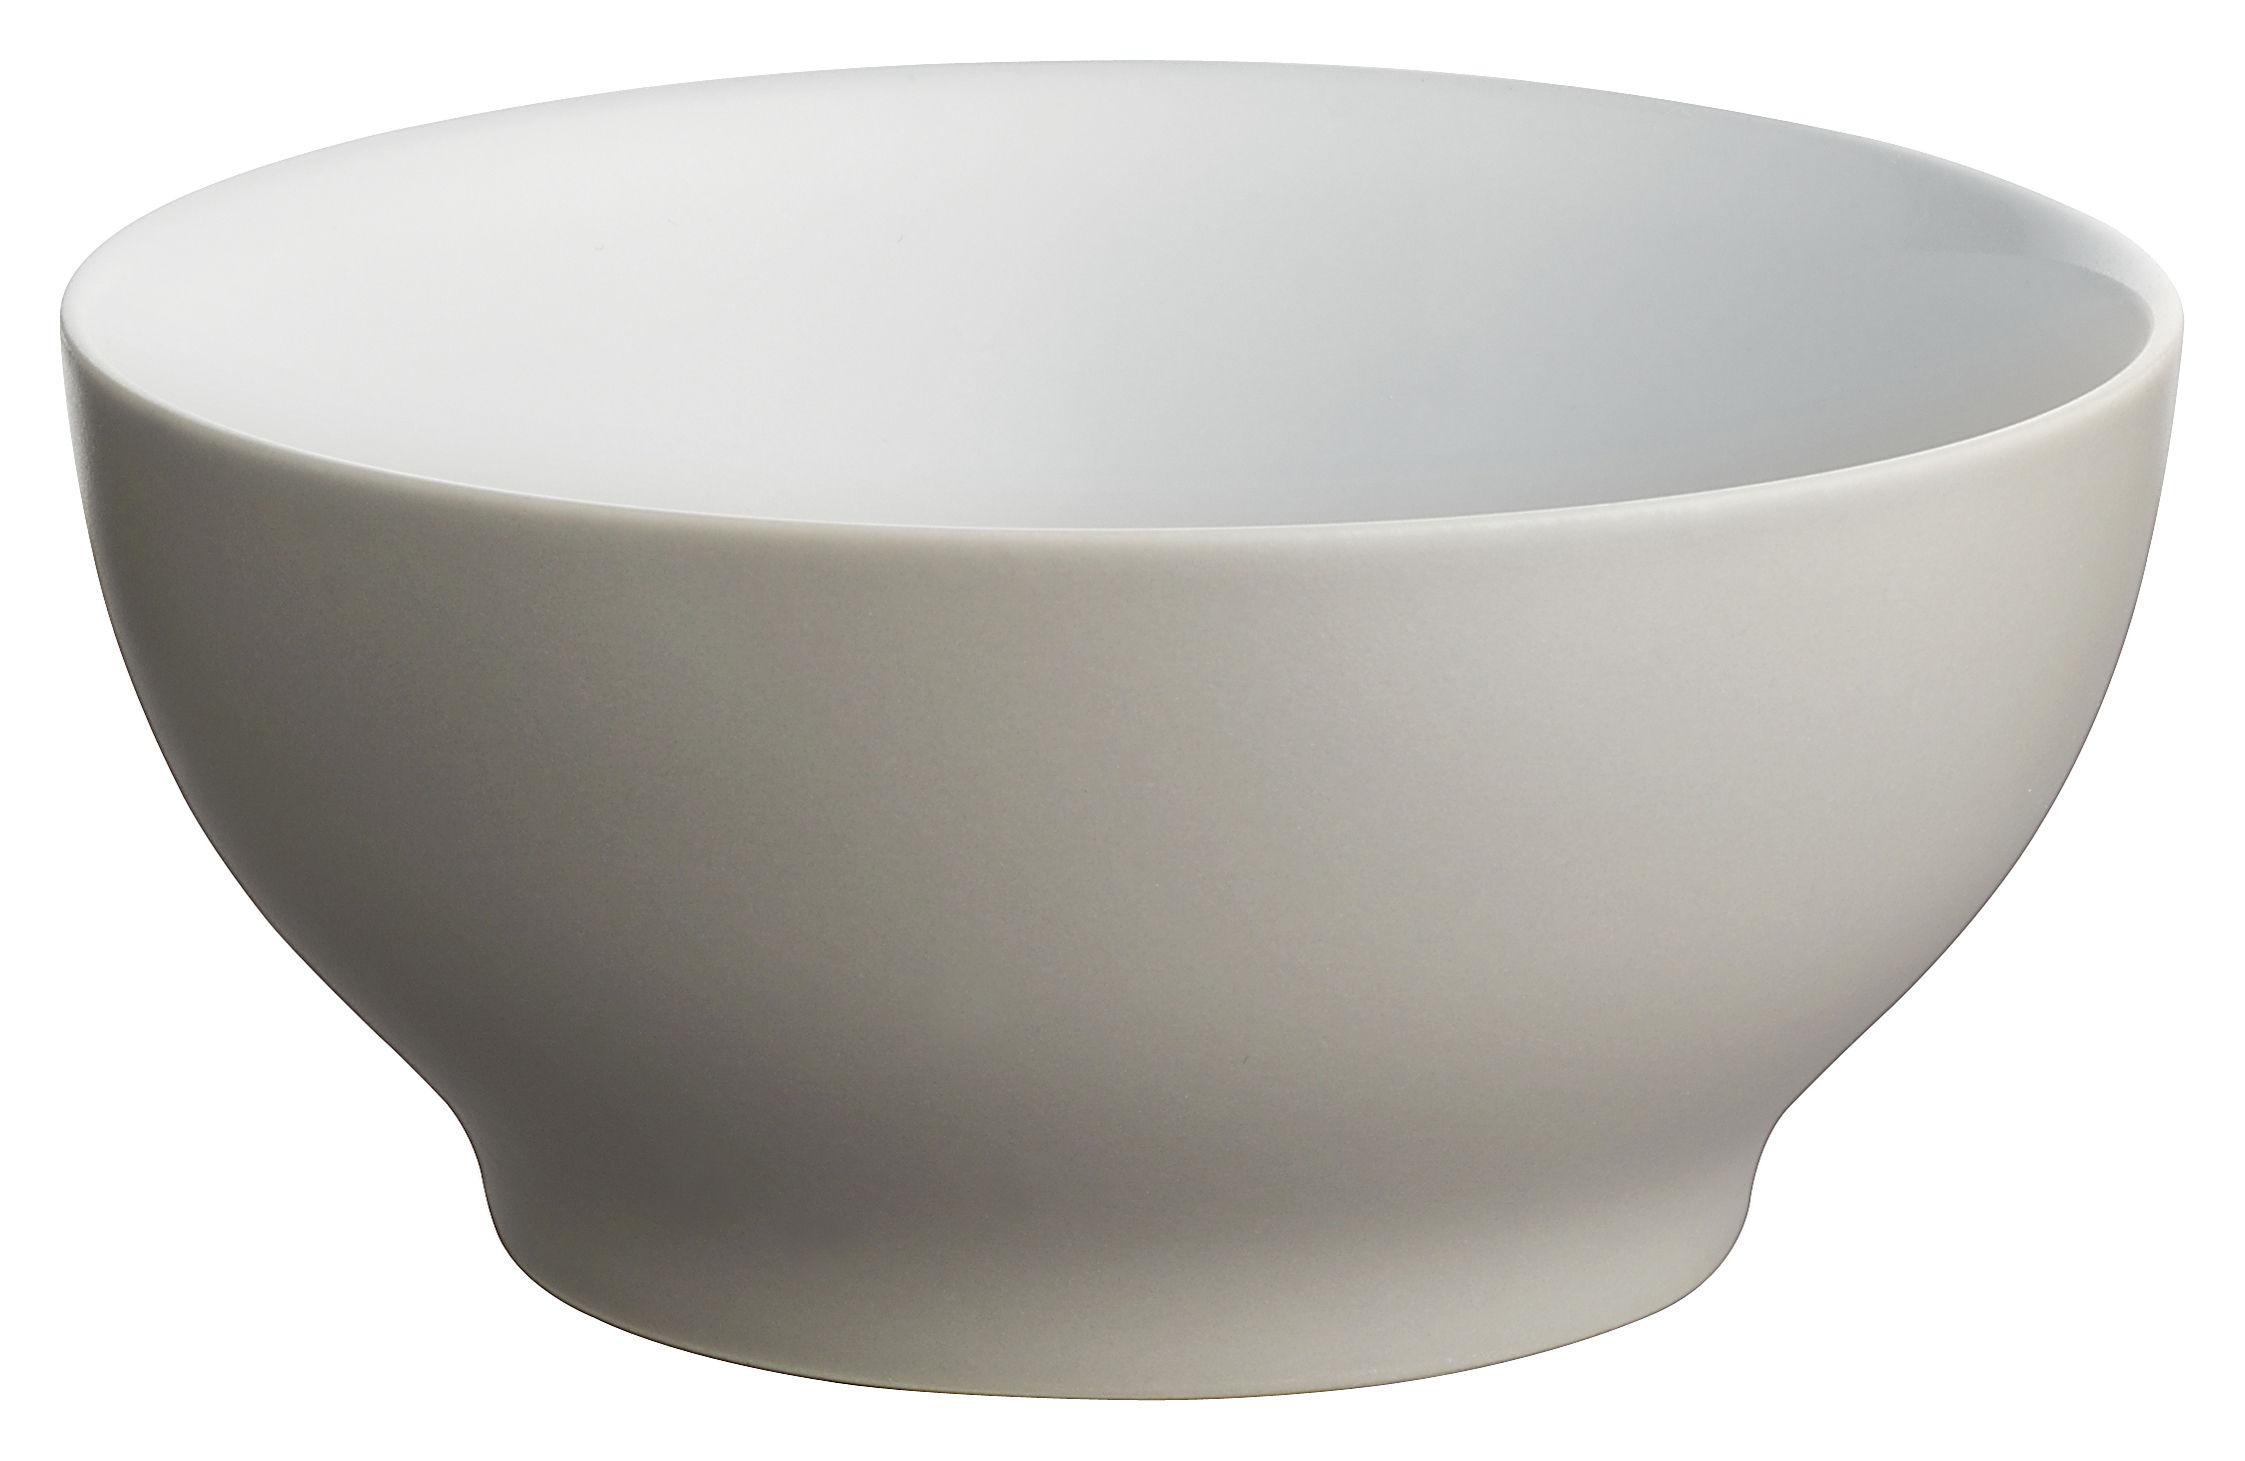 Tavola - Ciotole - Ciotola Tonale - Piccola ciotola di Alessi - Grigio chiaro/interno bianco - Ceramica stoneware